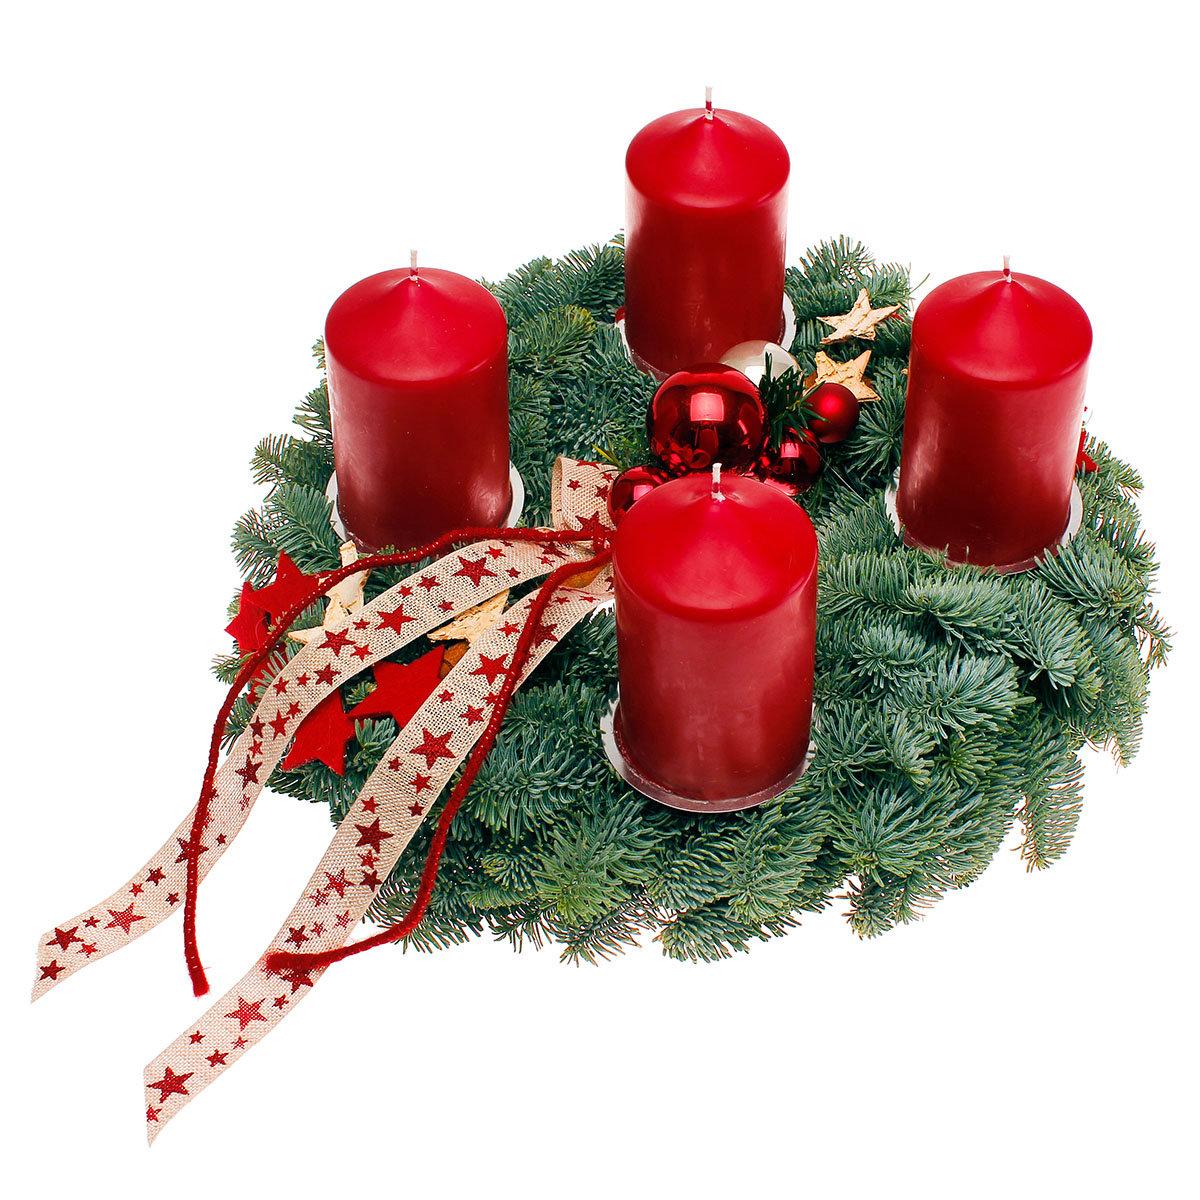 adventskranz mit bordeaux roten kerzen dekoriert online kaufen bei g rtner p tschke